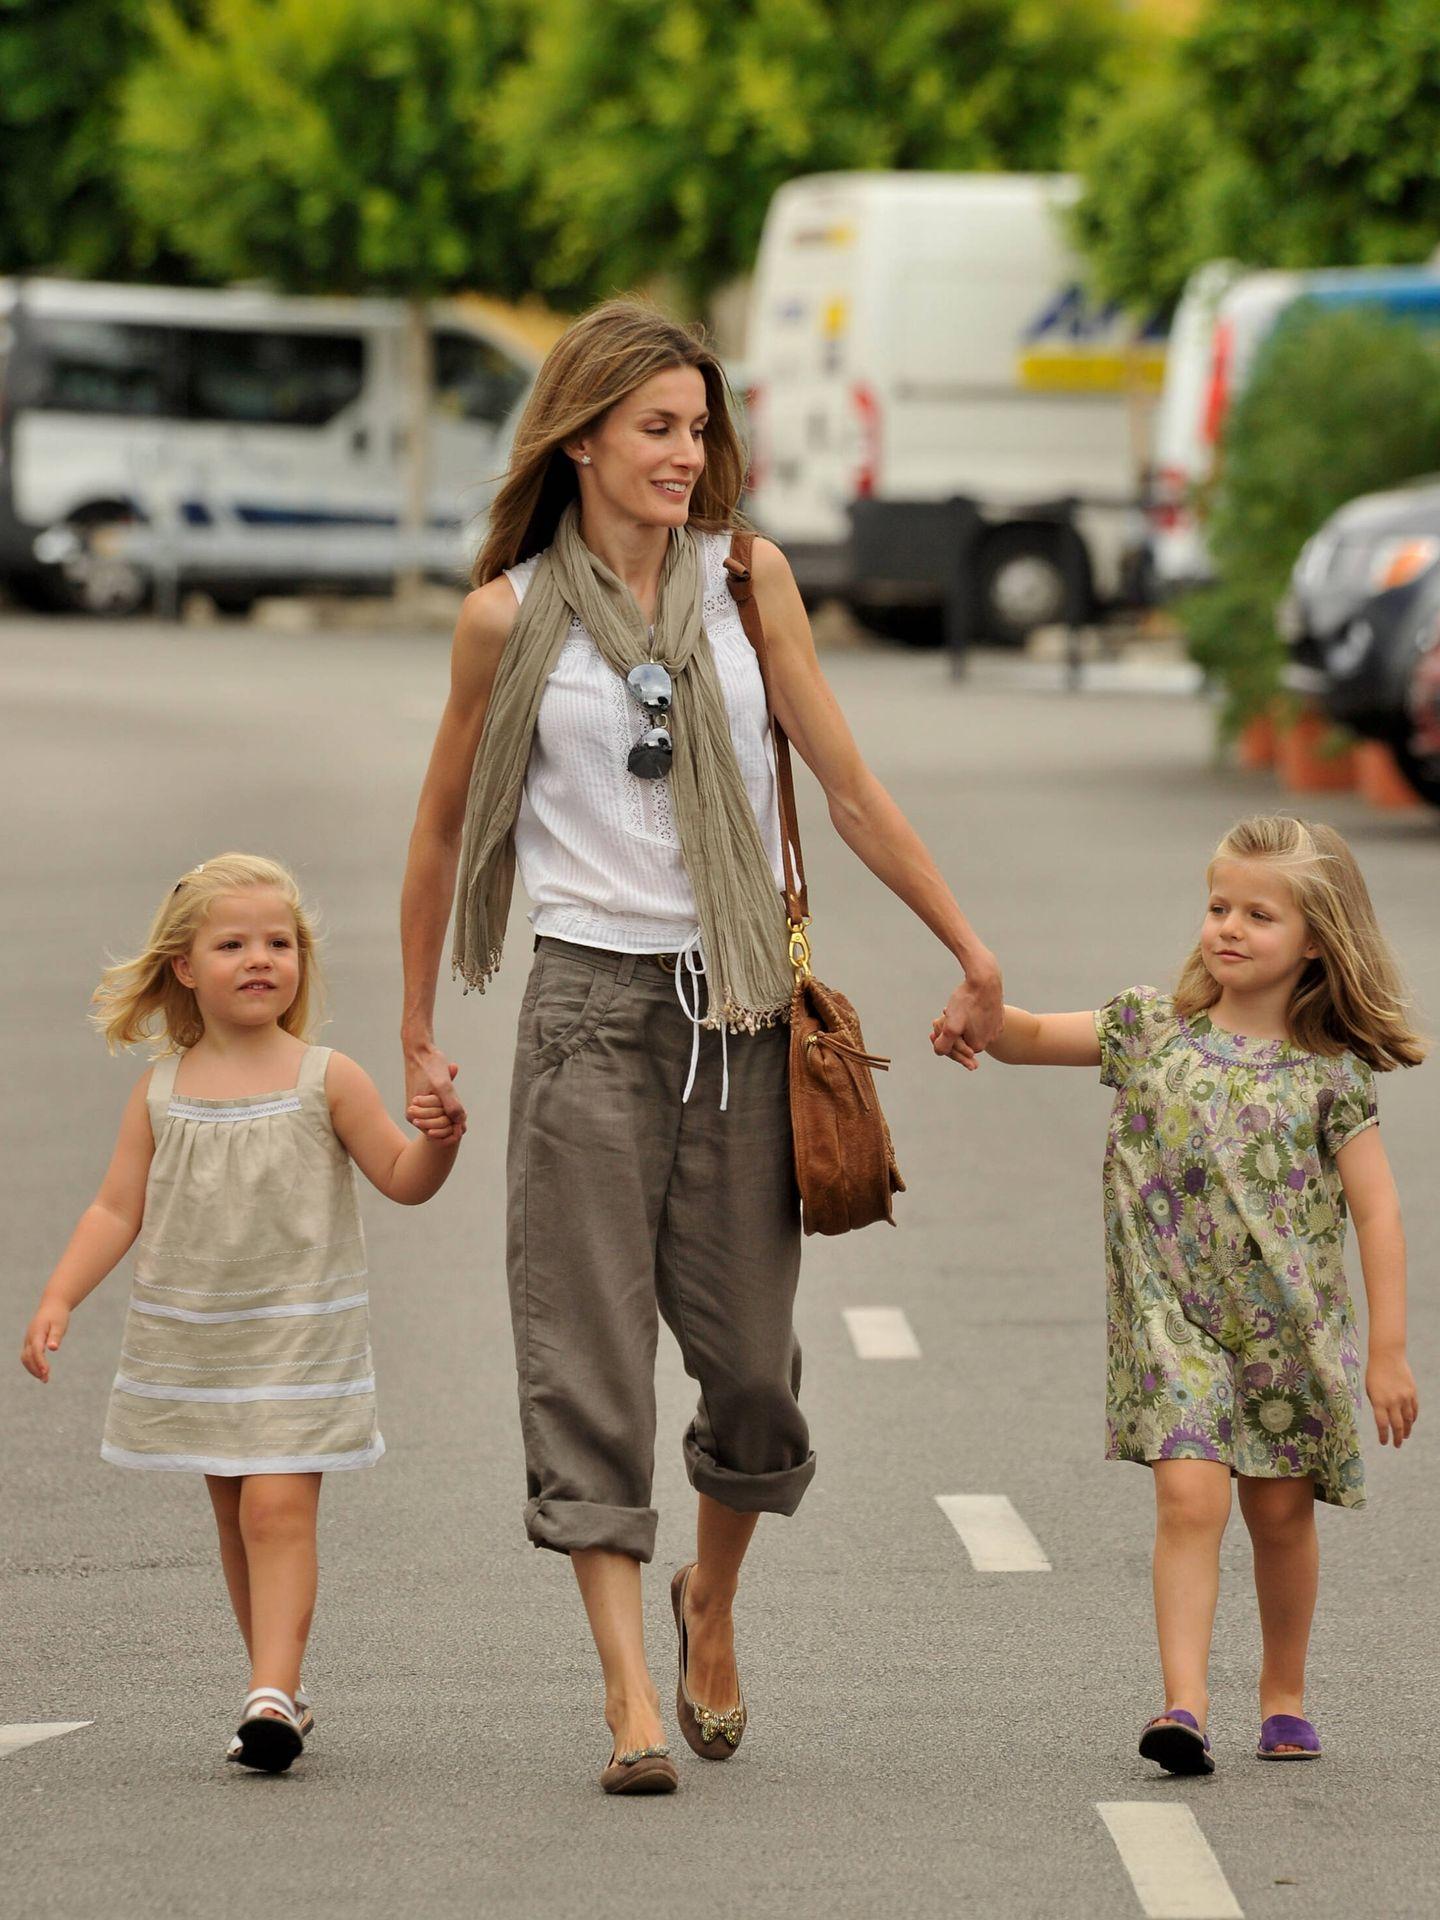 La reina Letizia, entonces Princesa de Asturias, con sus hijas. (Getty)